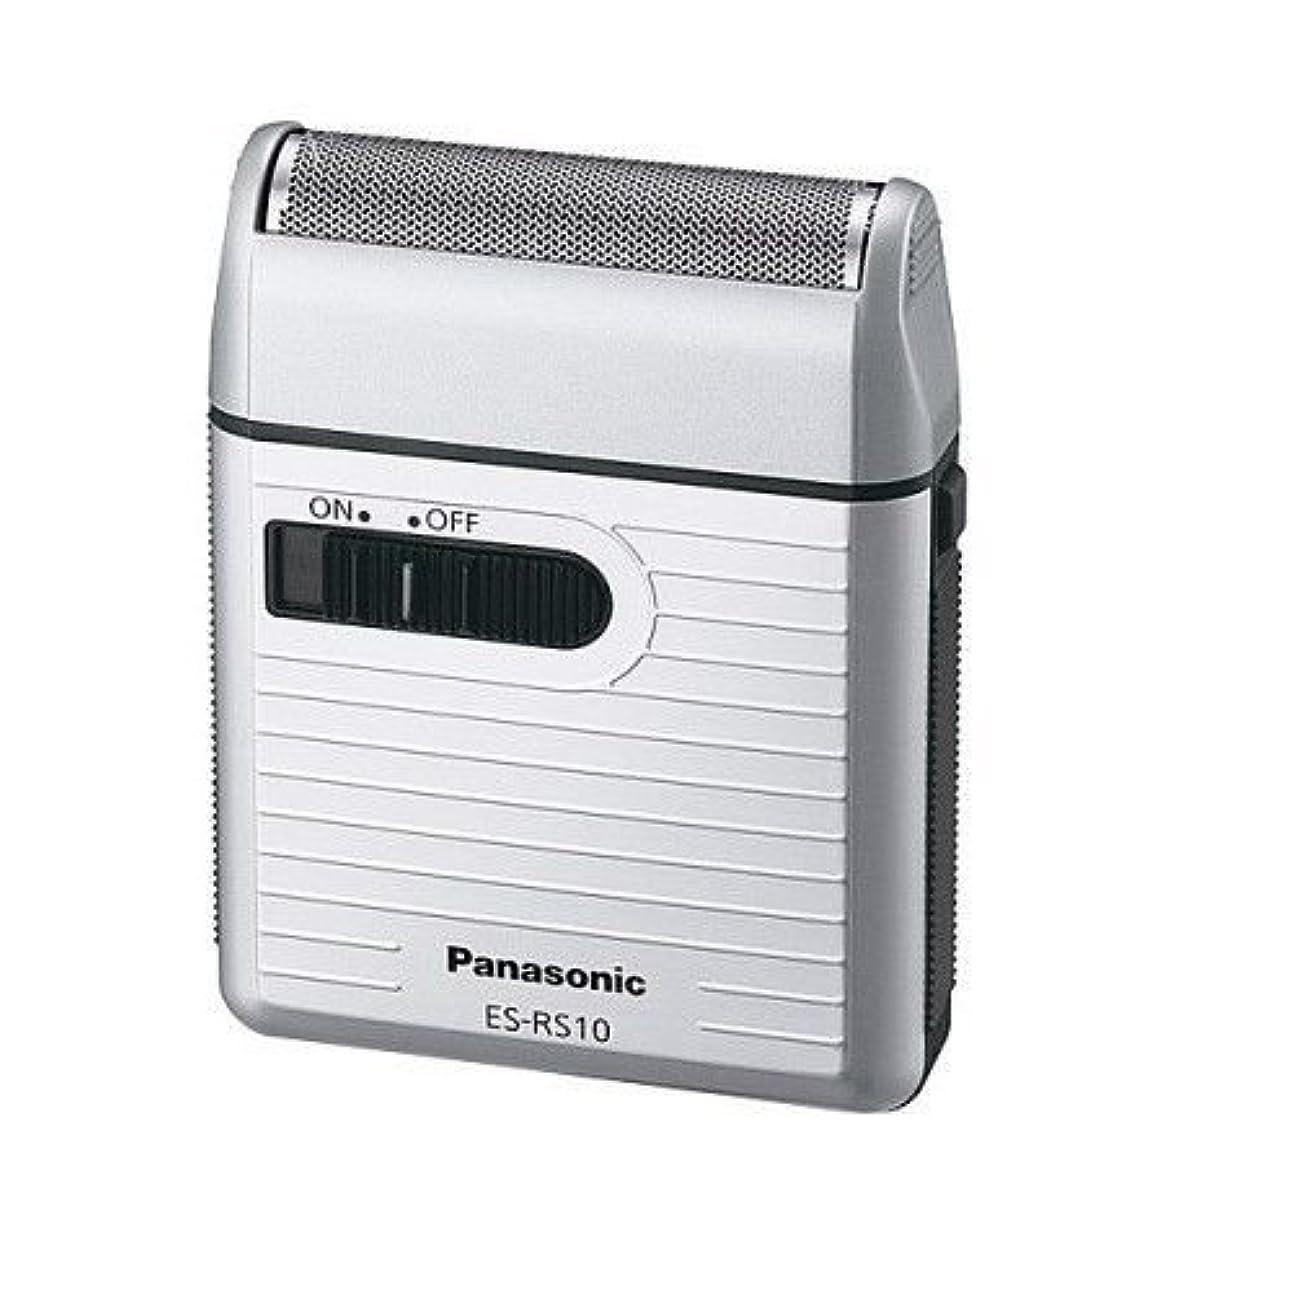 カレンダー訪問苦悩Panasonic ES-RS10-S ンズポケットシェーバーシルバー ESRS10 日本製 [並行輸入品]